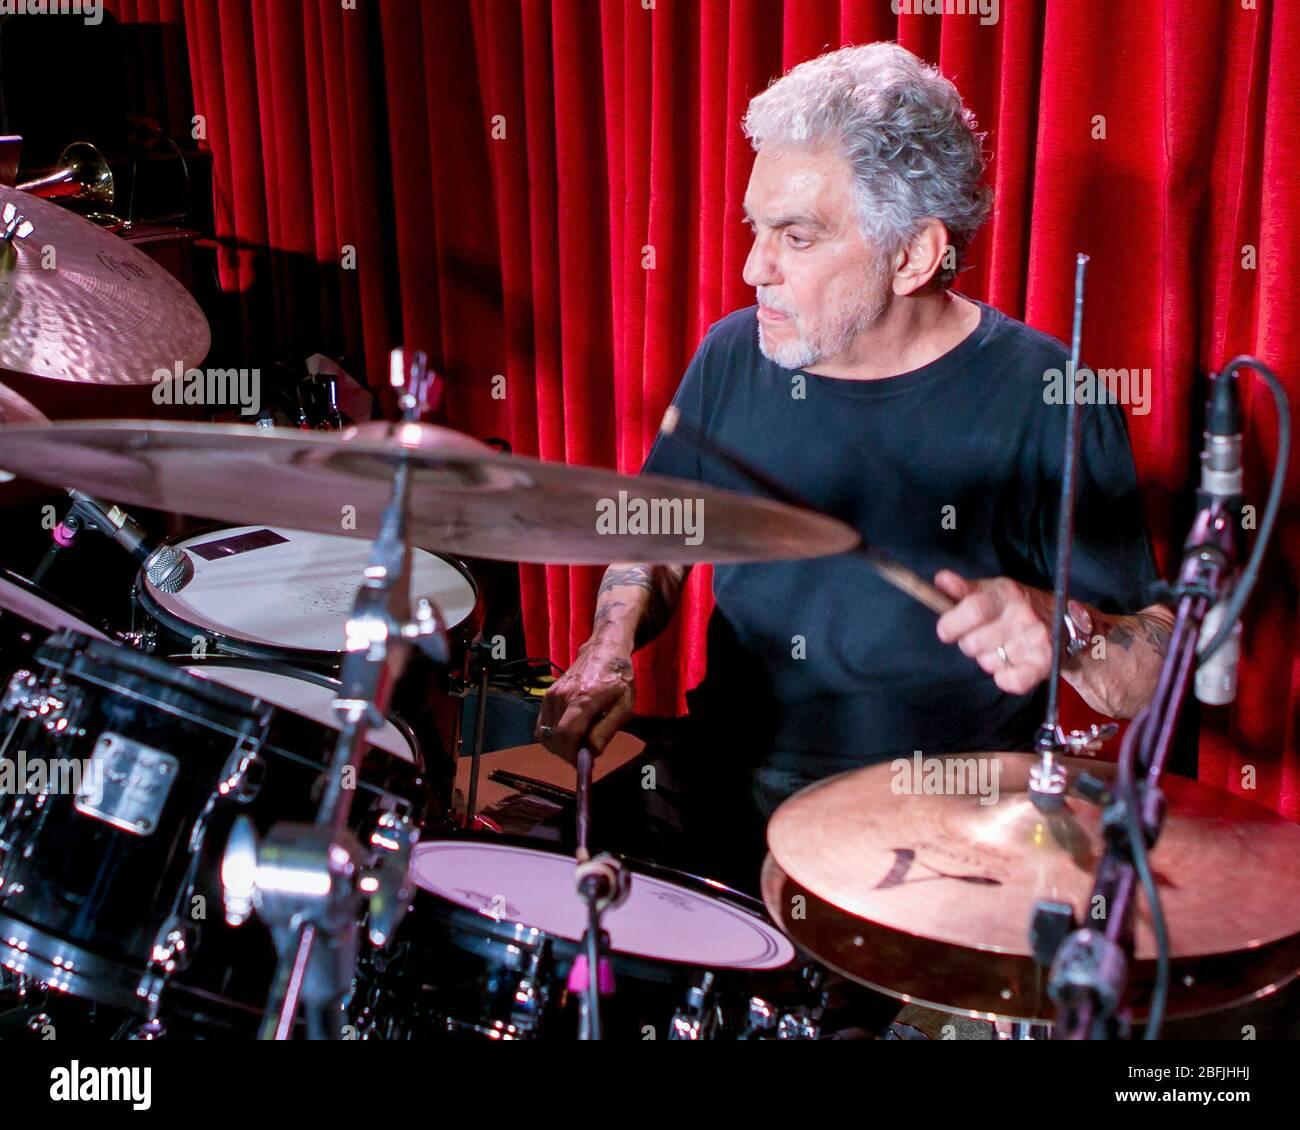 Schlagzeuger Steve Gadd wärmt sich vor einem Auftritt mit seiner Band, der Steve Gadd Band, im Catalina Jazz Club in Los Angeles, Kalifornien auf. Stockfoto